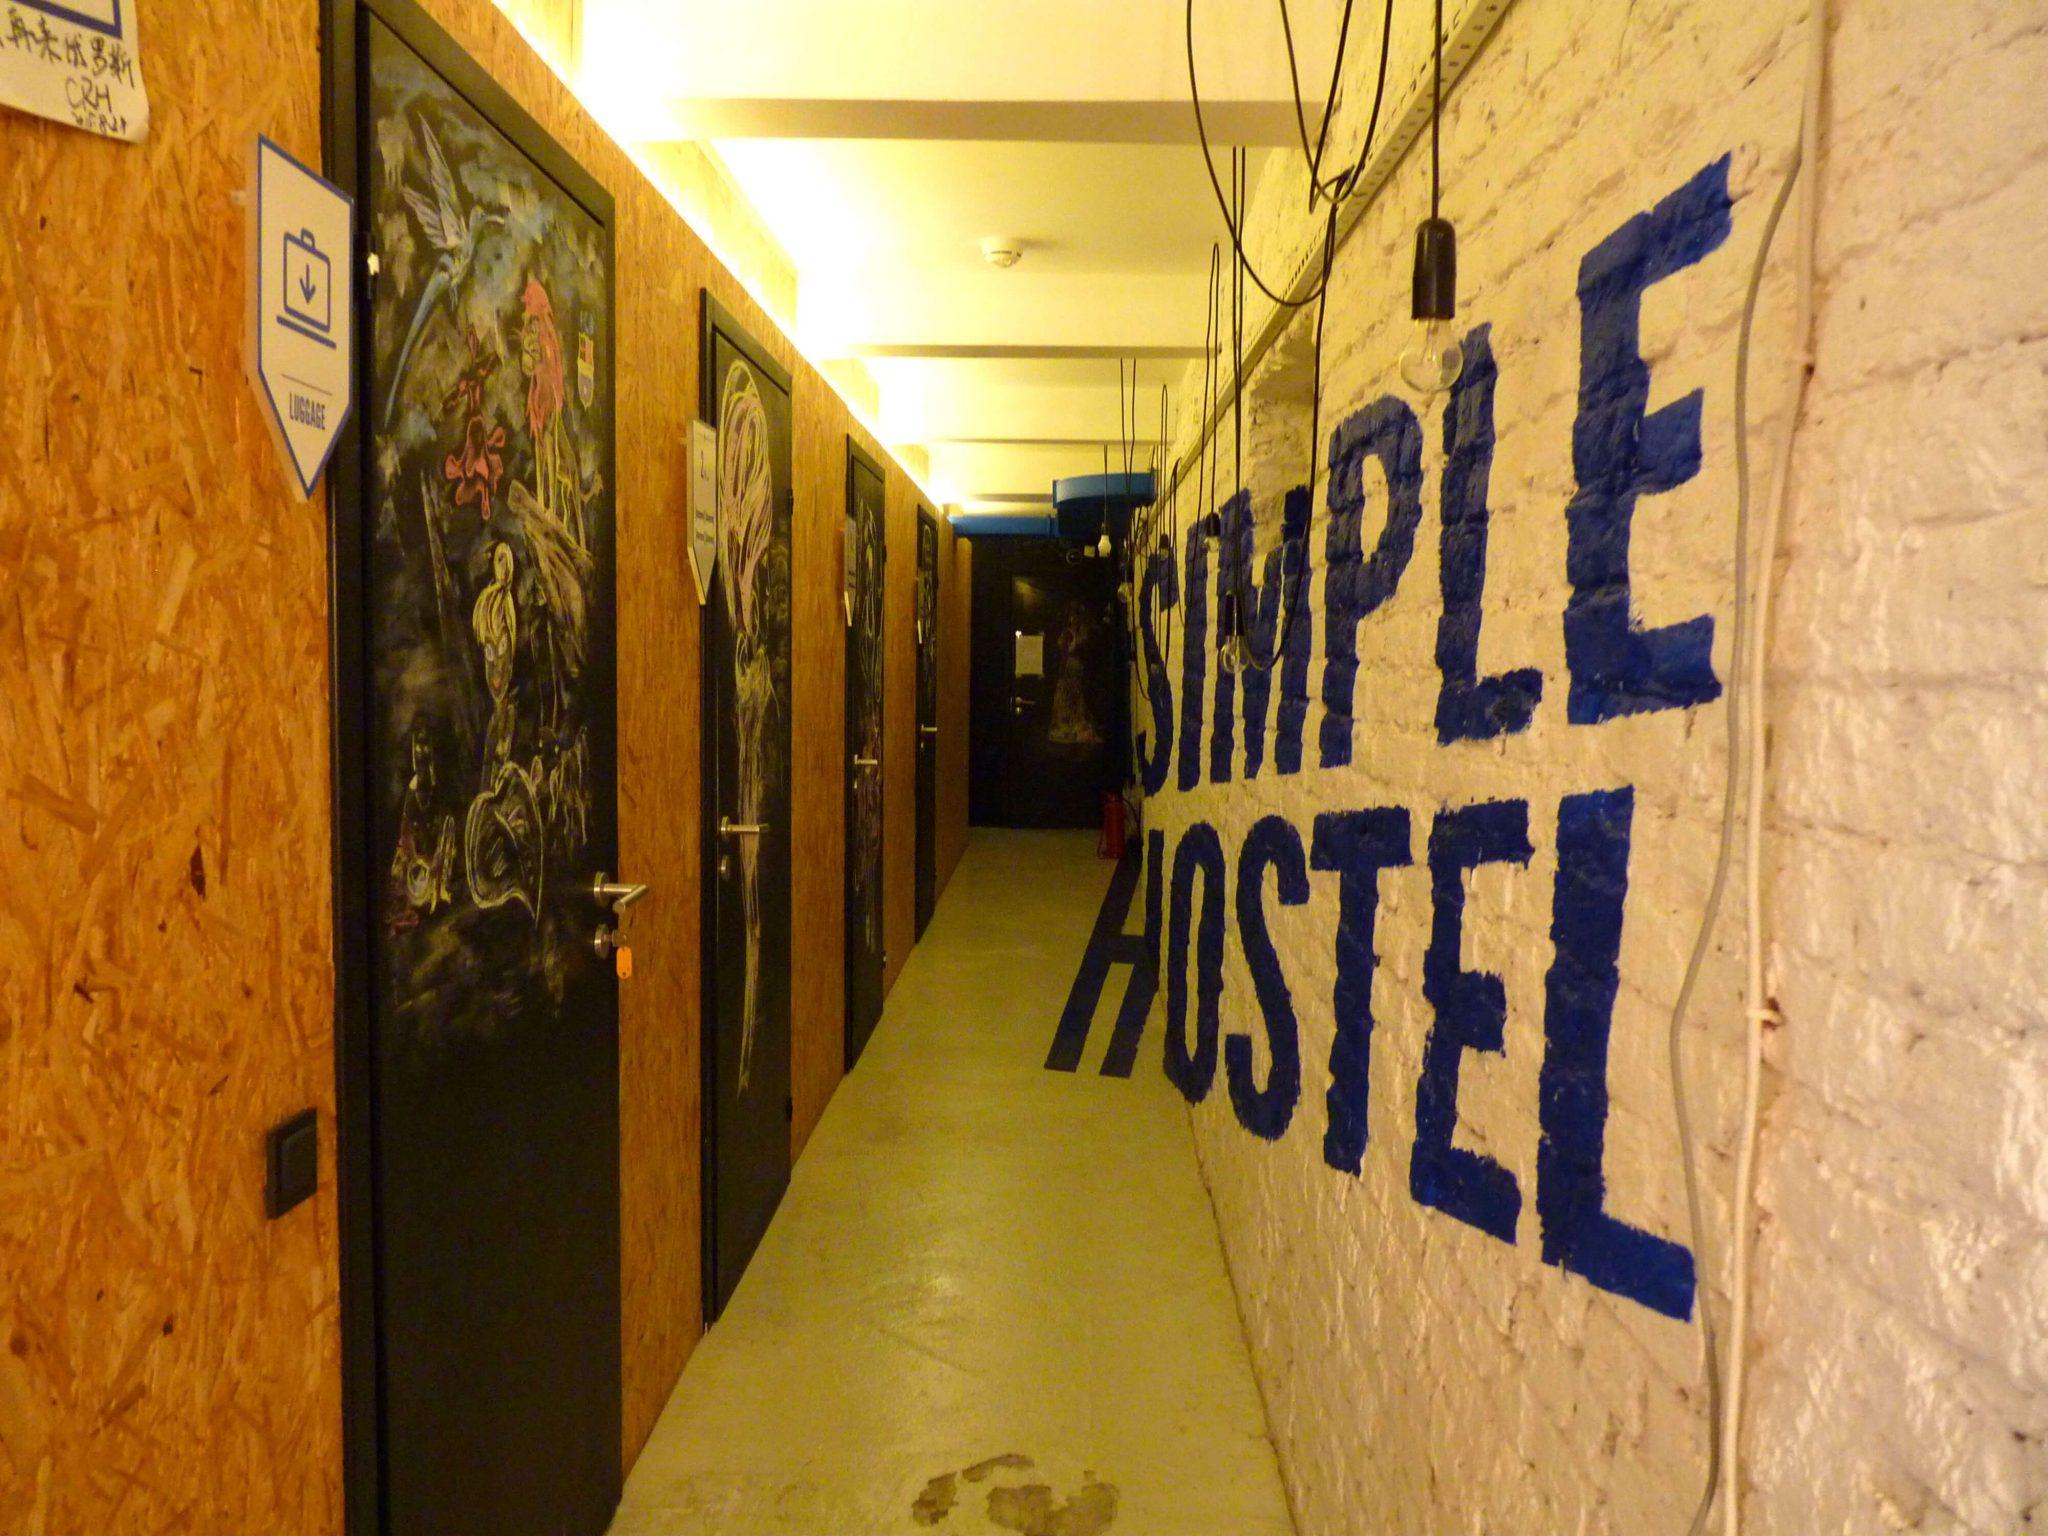 Simple Hostel corredor São Petersburgo Rússia Mundo Indefinido